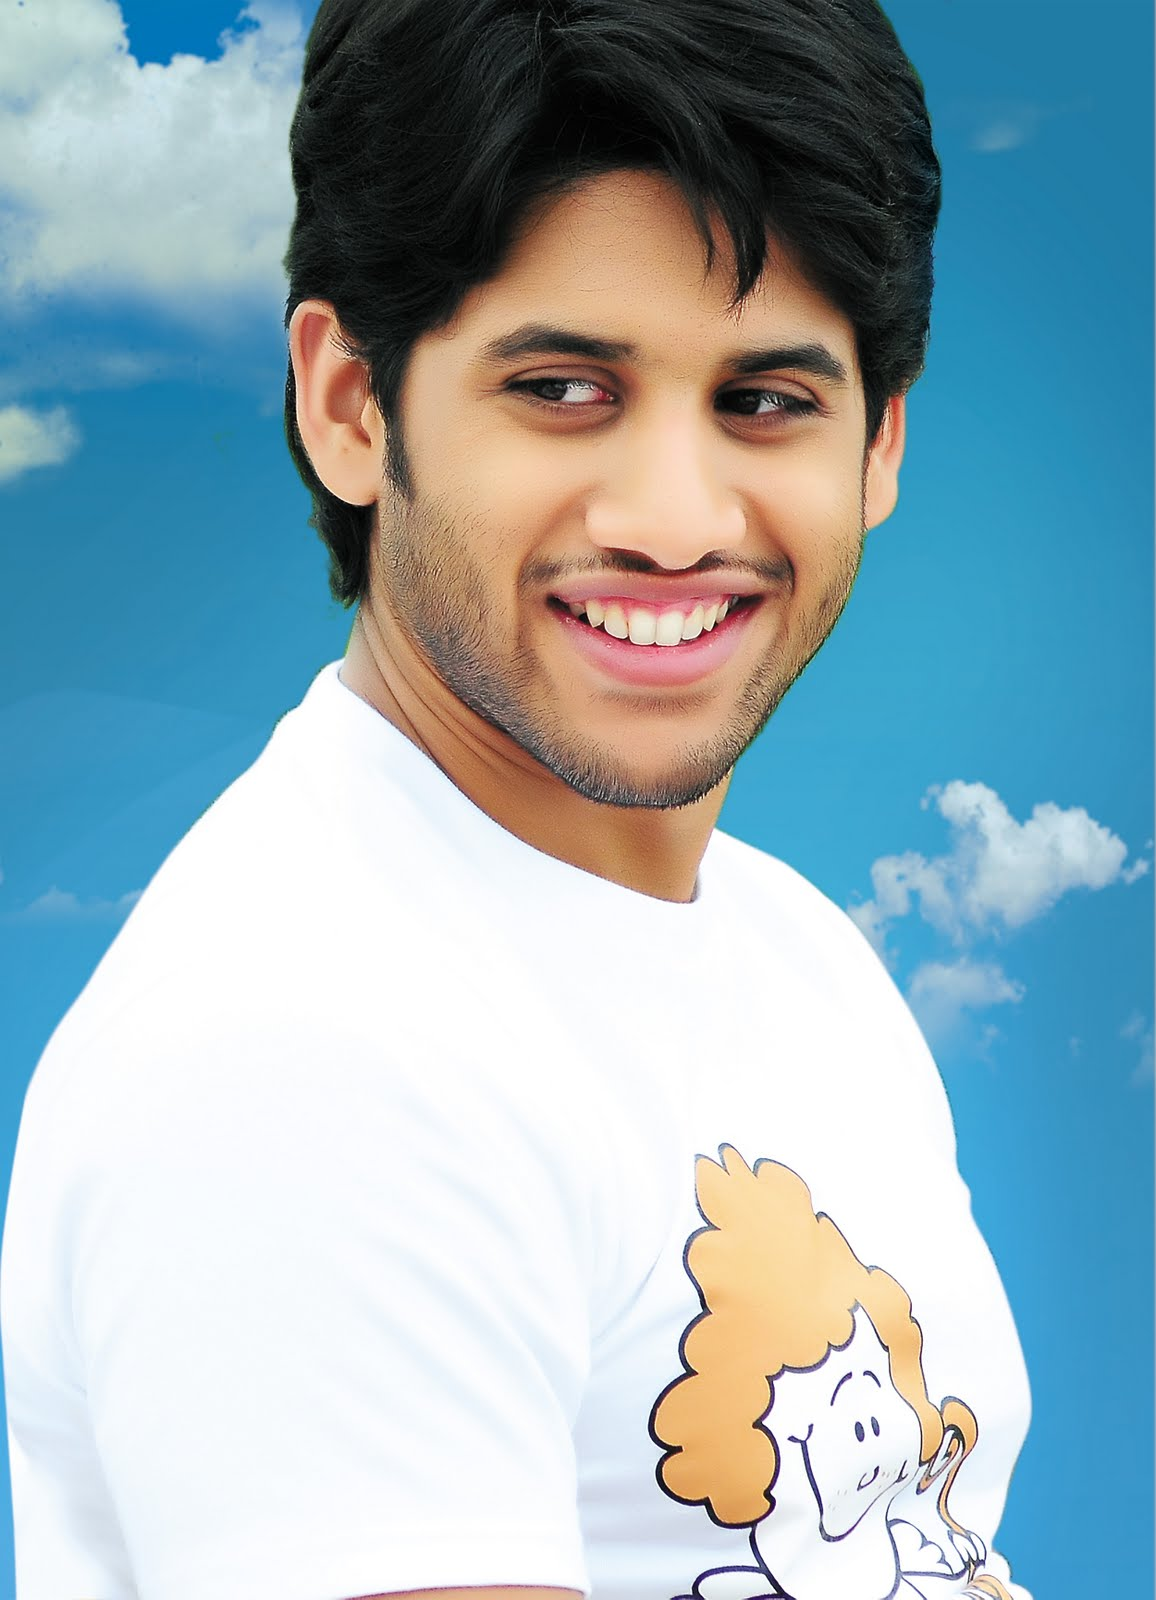 Indian boy with nri milf